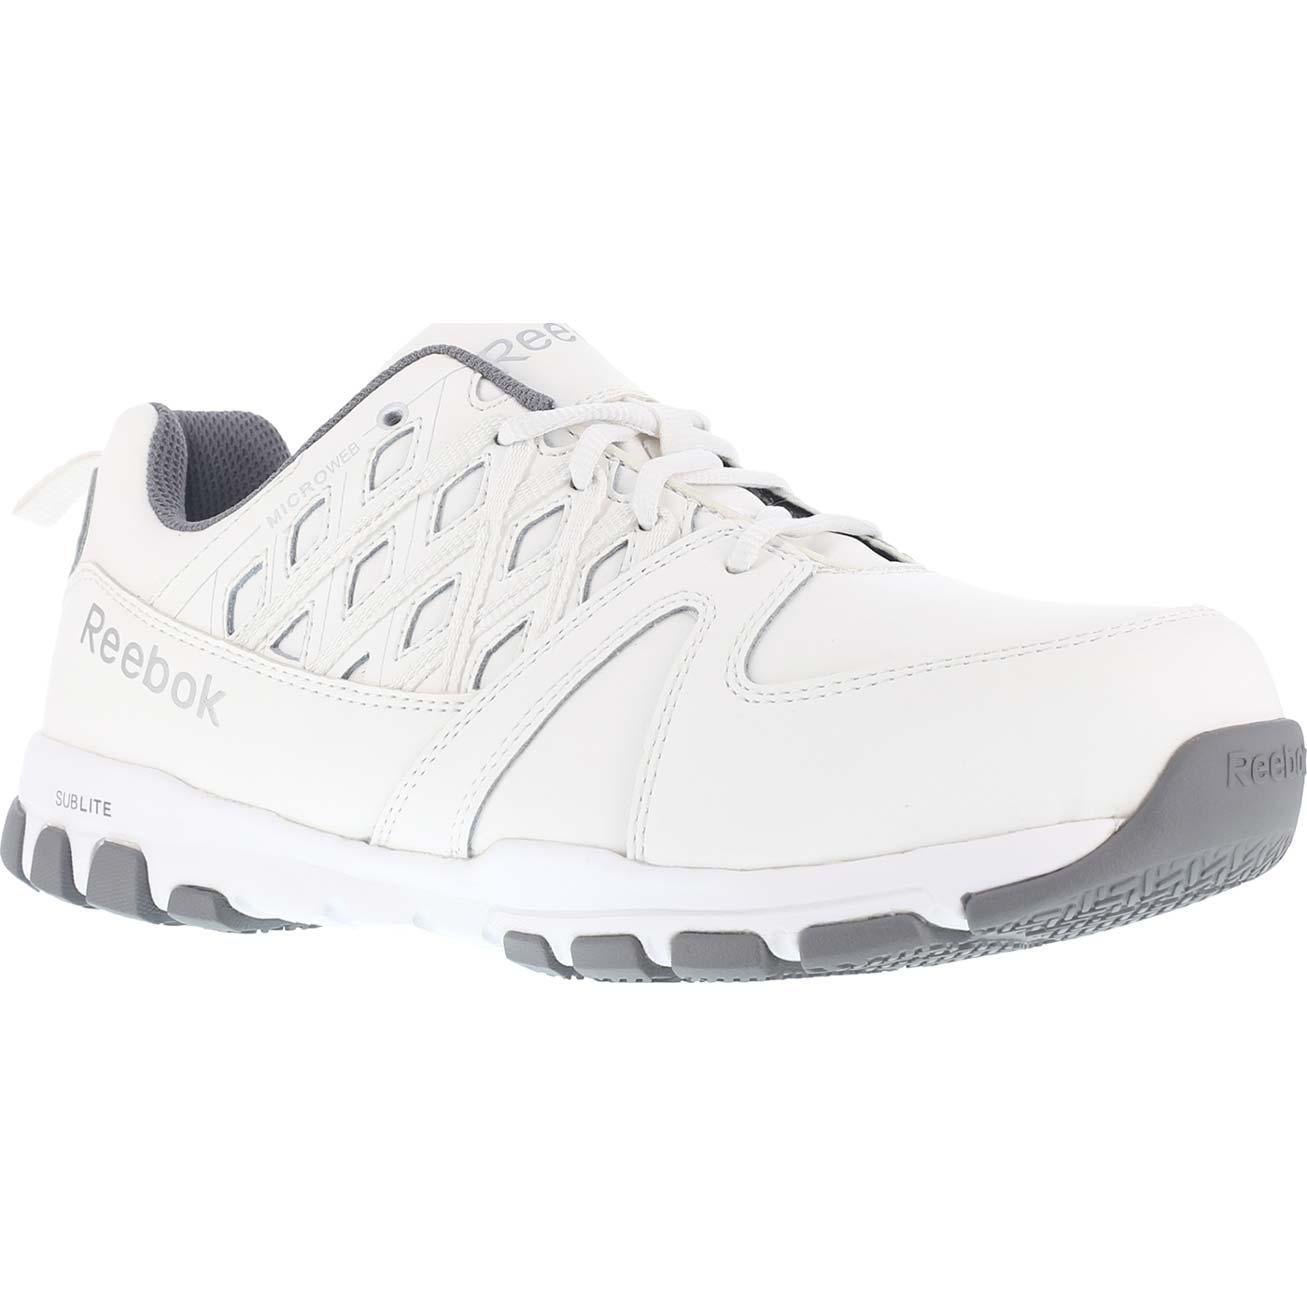 03148fe0ce9 Reebok Sublite Work Women's Steel Toe Static-Dissipative Work Athletic Shoe